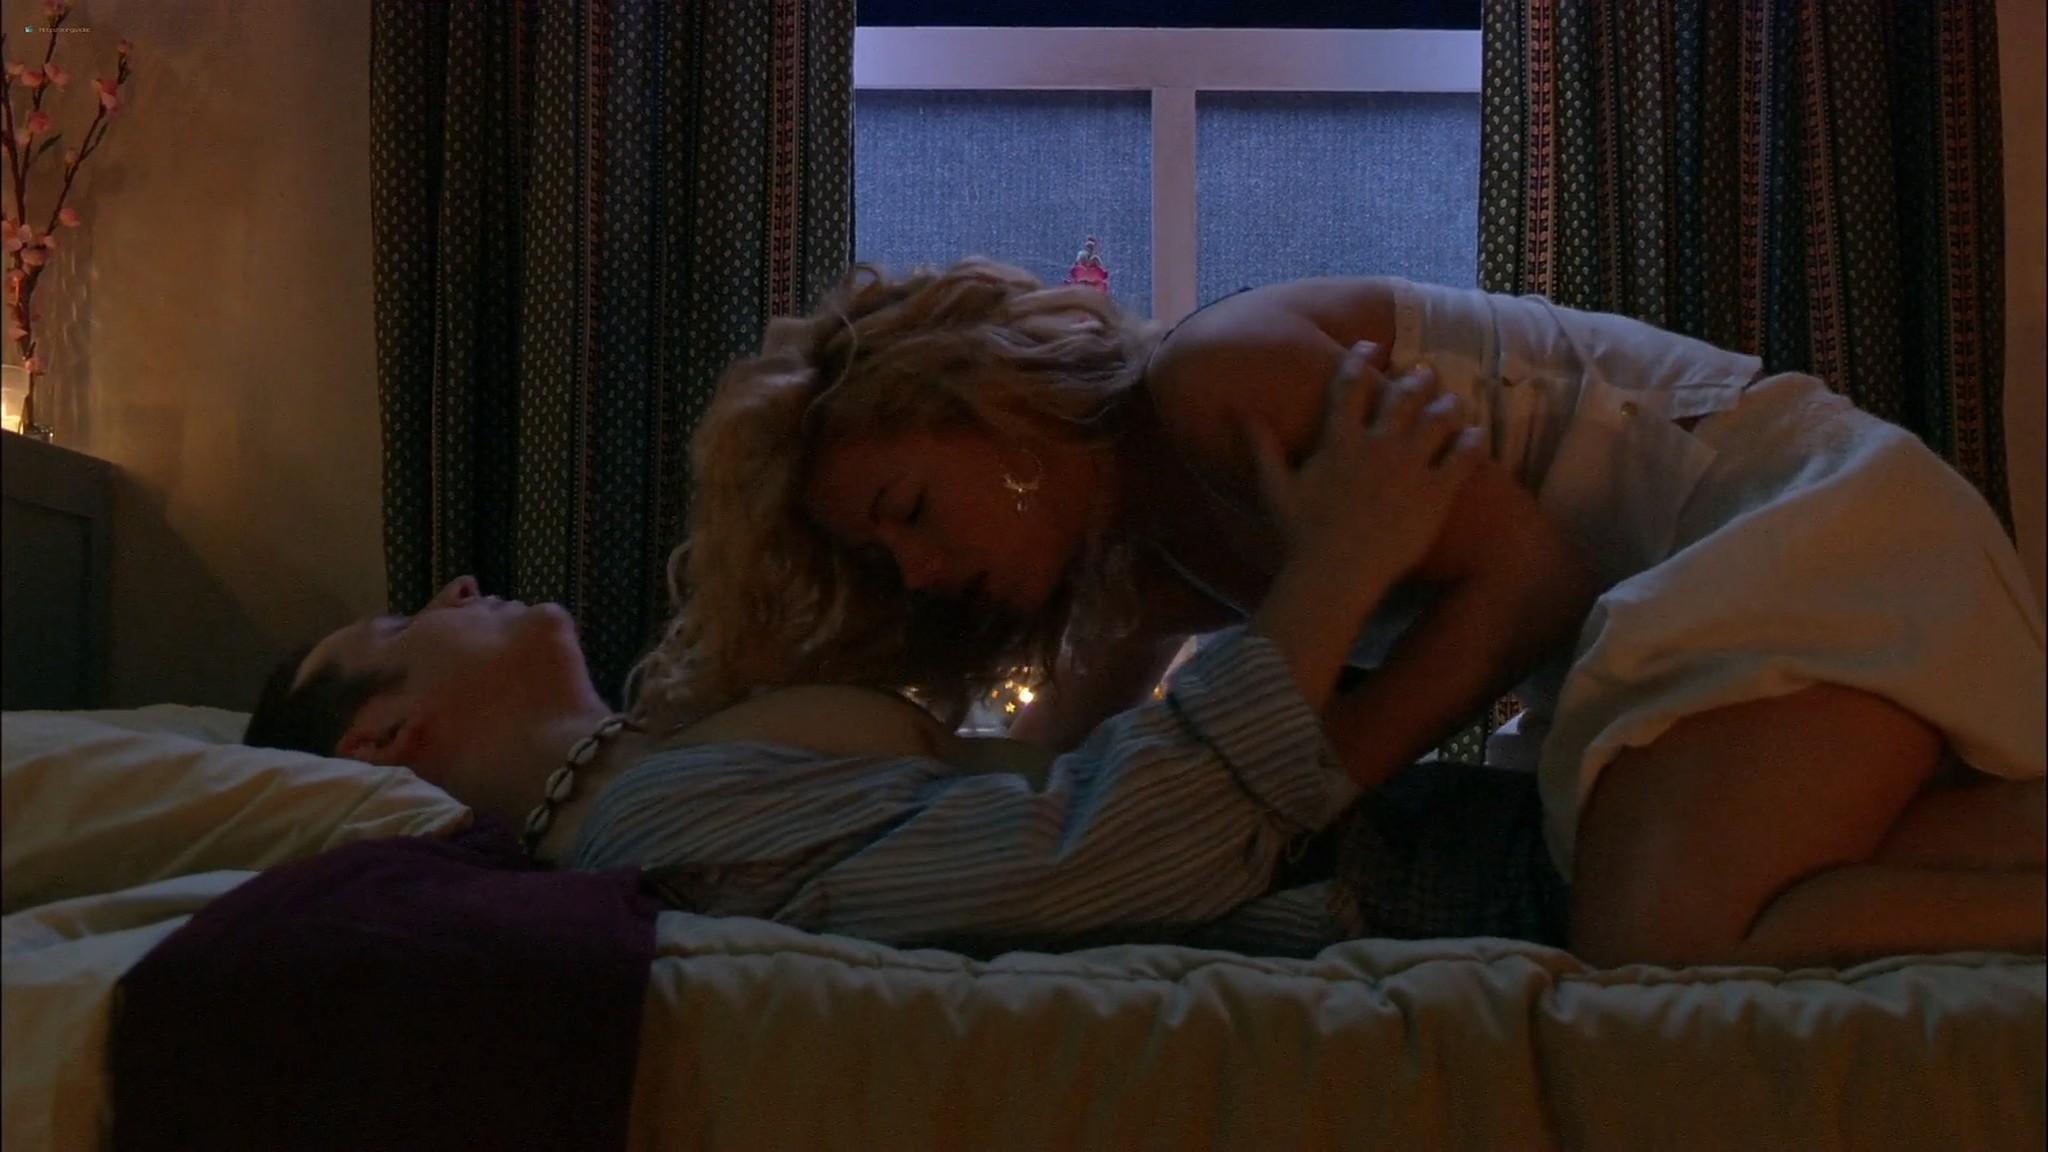 Kim Poirier nude sex Stefanie von Pfetten nude too Decoys 2004 1080p Web 18